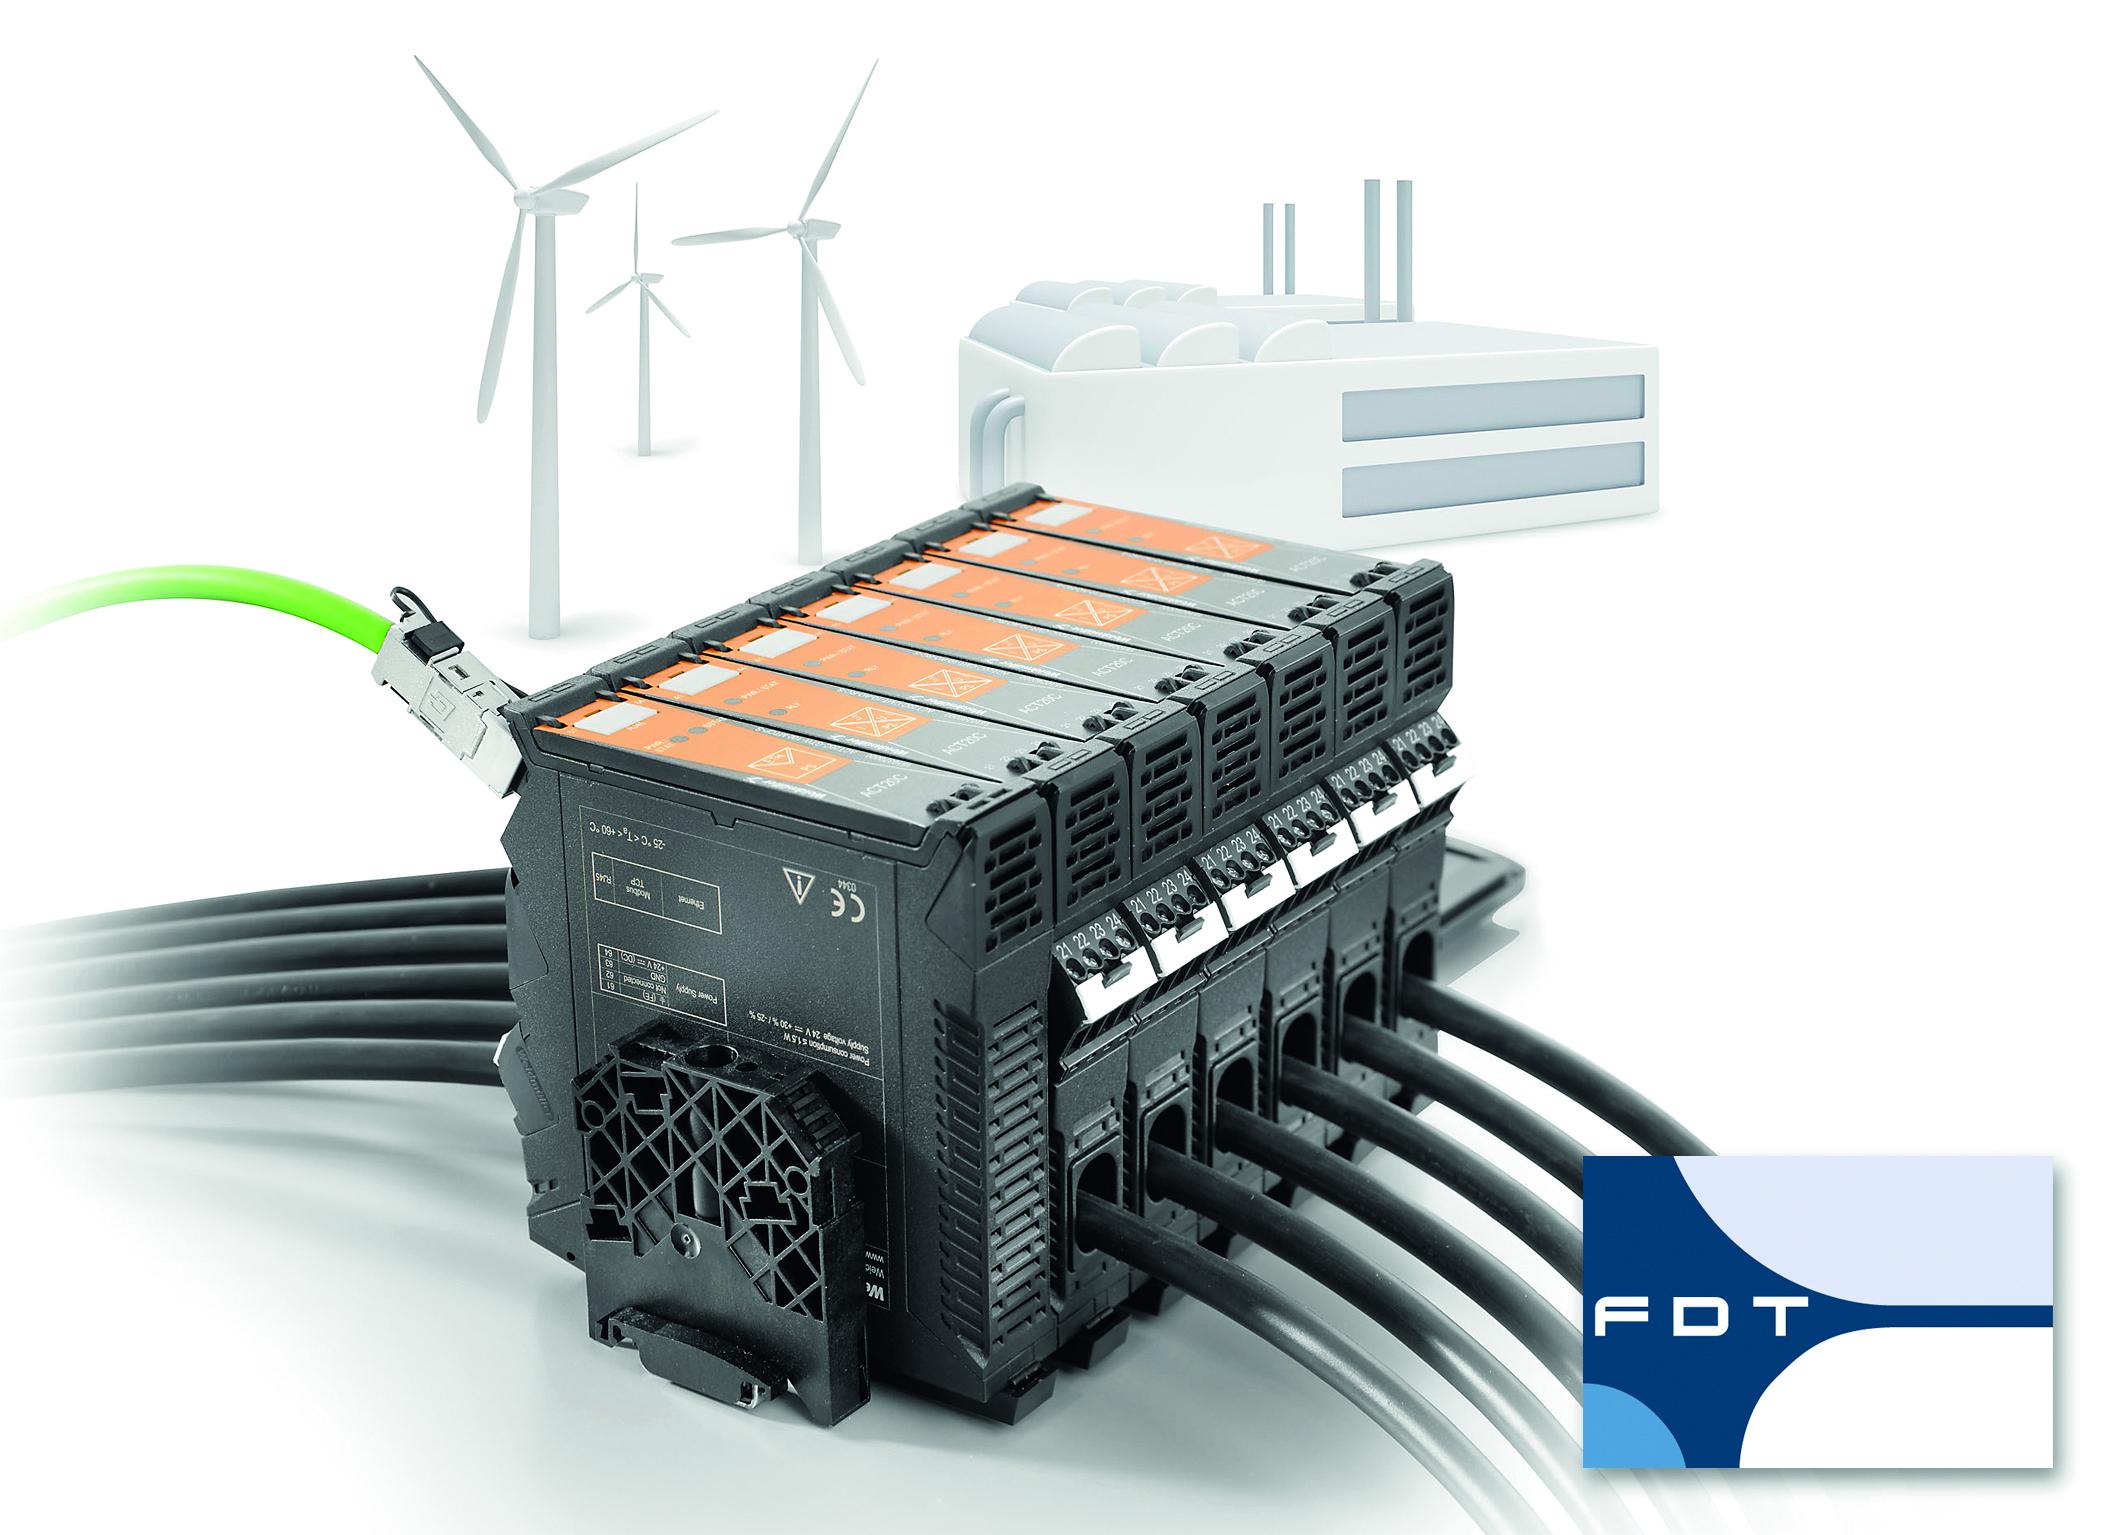 Strommesswandler überwachen Anlagen und Prozesse